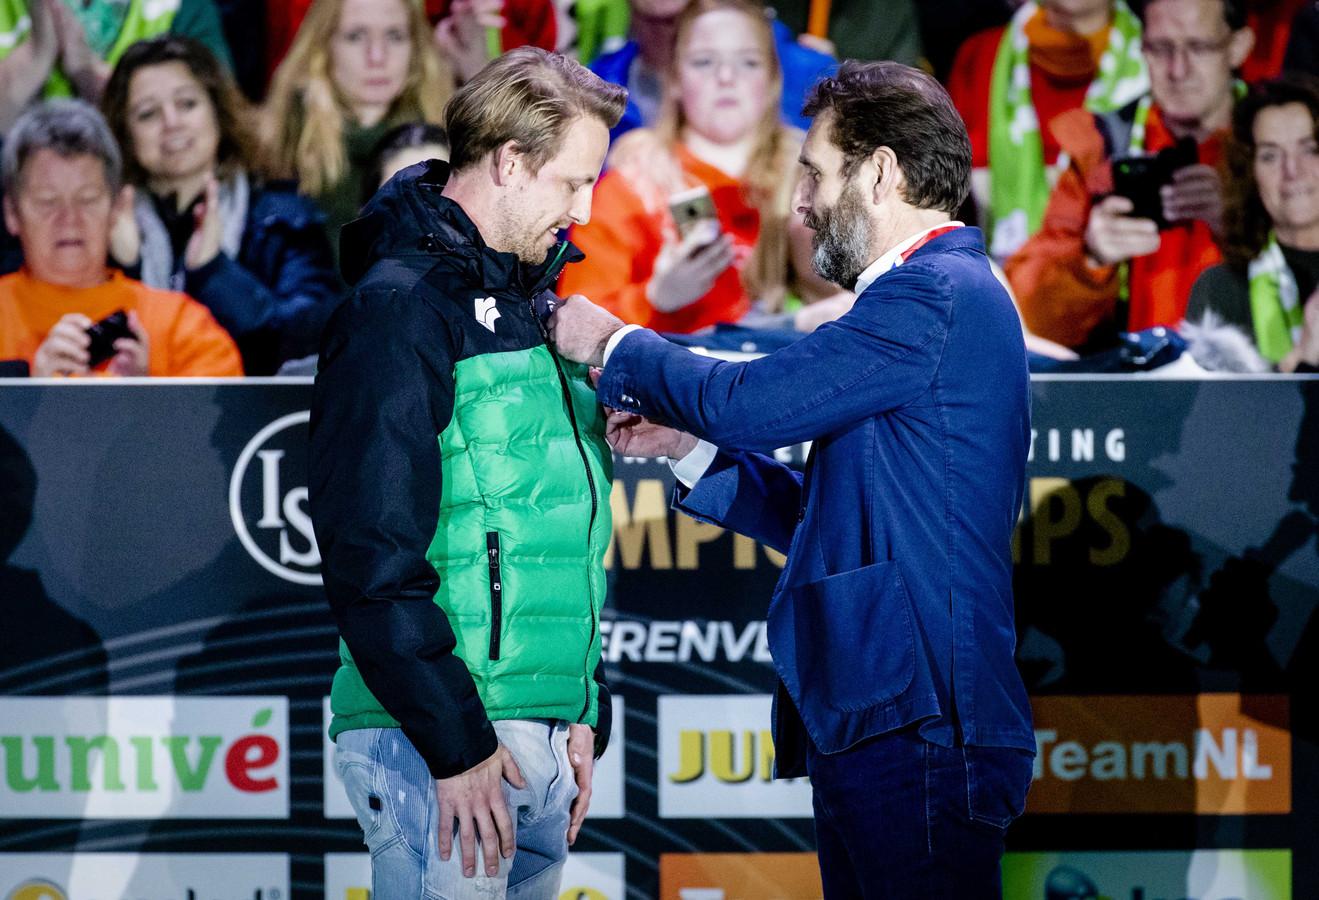 Michel Mulder neemt afscheid van de schaatssport. Hij ontving de Gouden Speld van de KNSB.